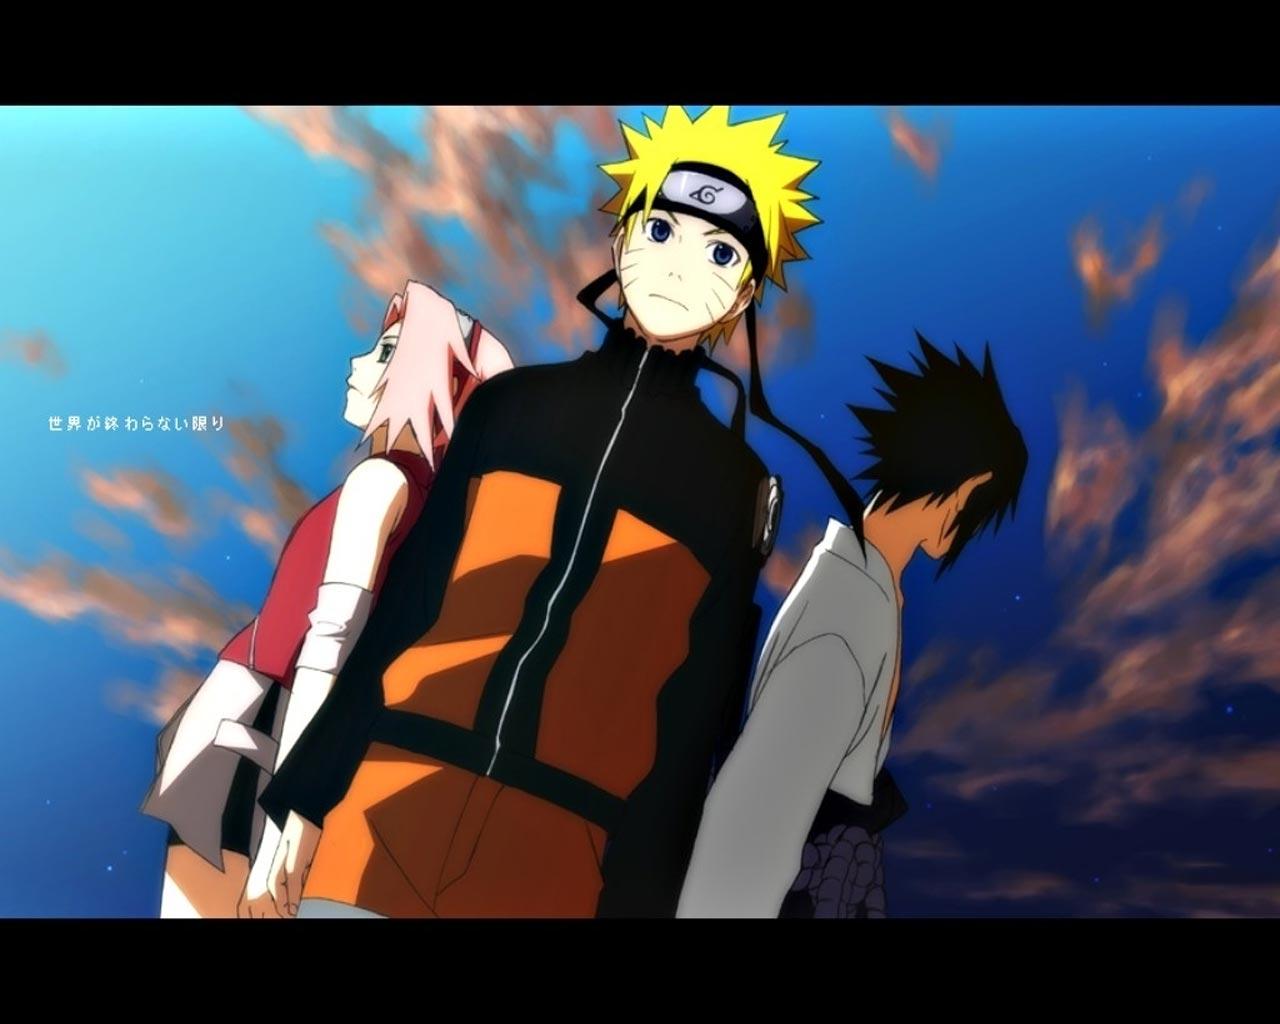 Imágenes de Naruto (de lo mejor) - Taringa!